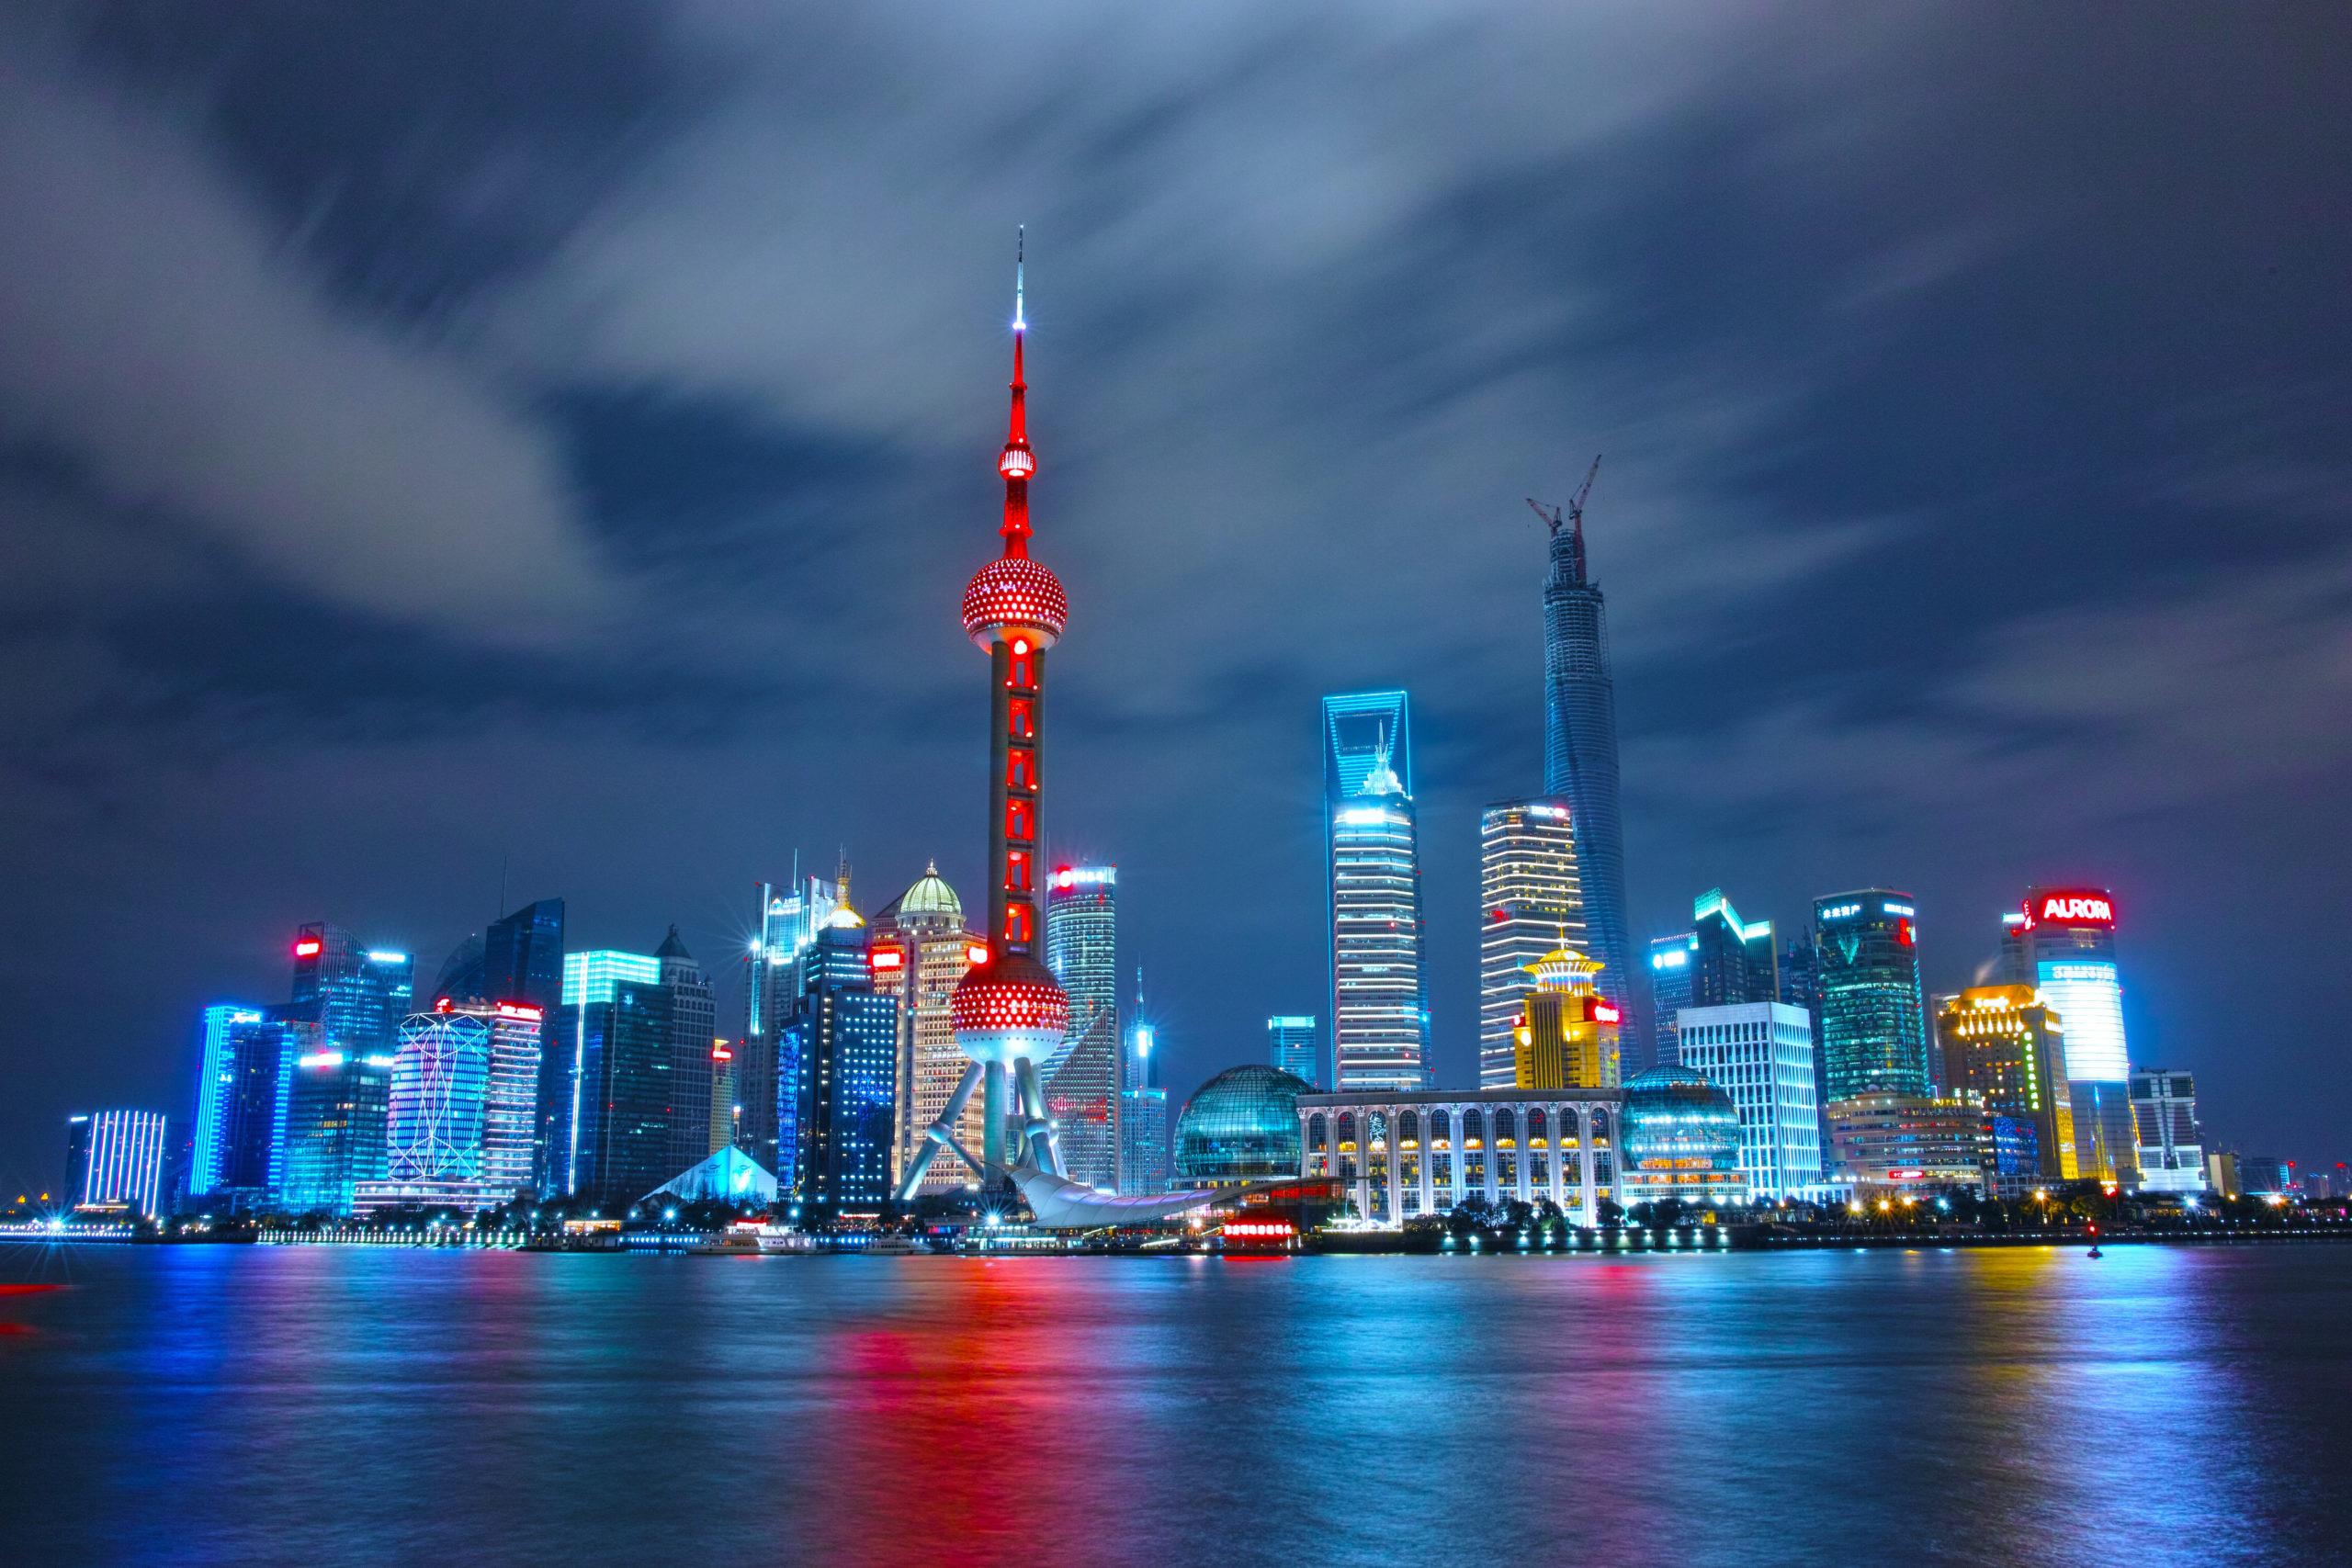 Chine : la croissance du PIB ralentit, mais reste soutenue